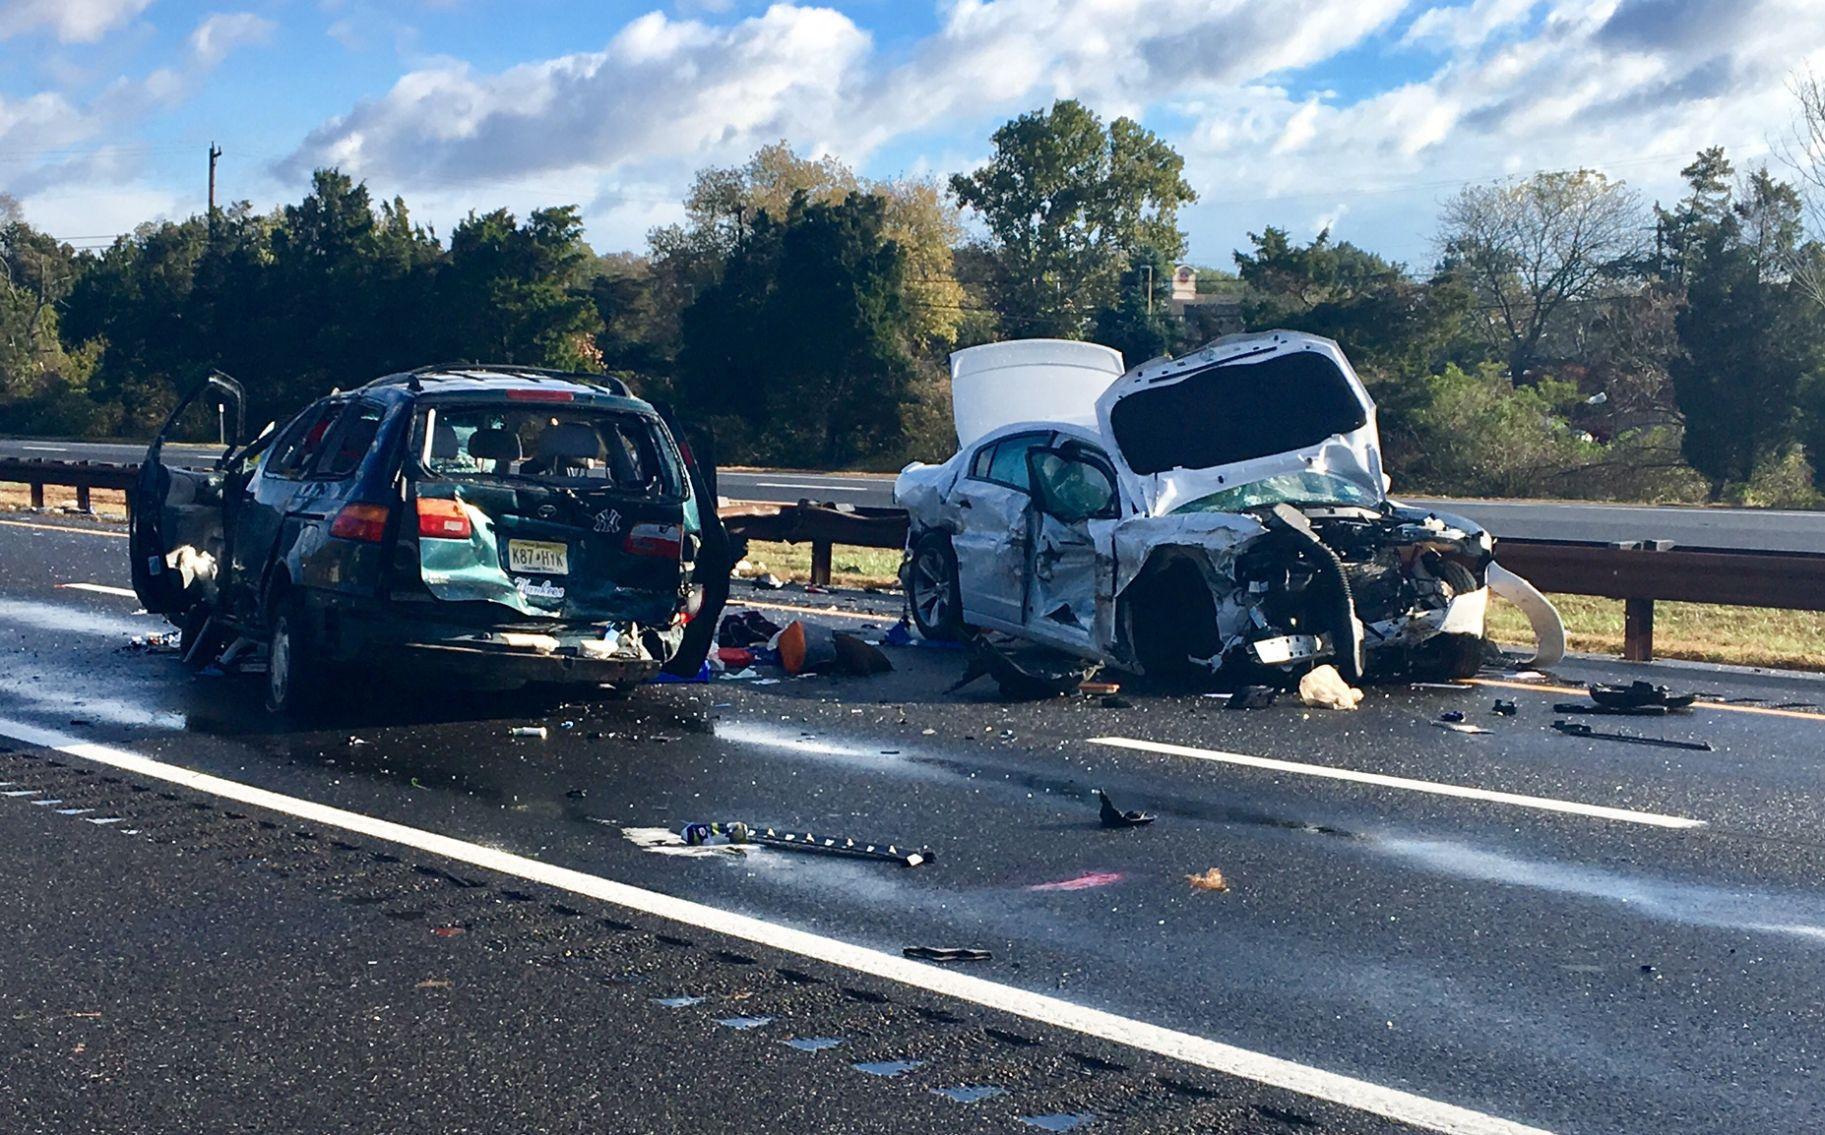 Garden State Parkway Crash Photo